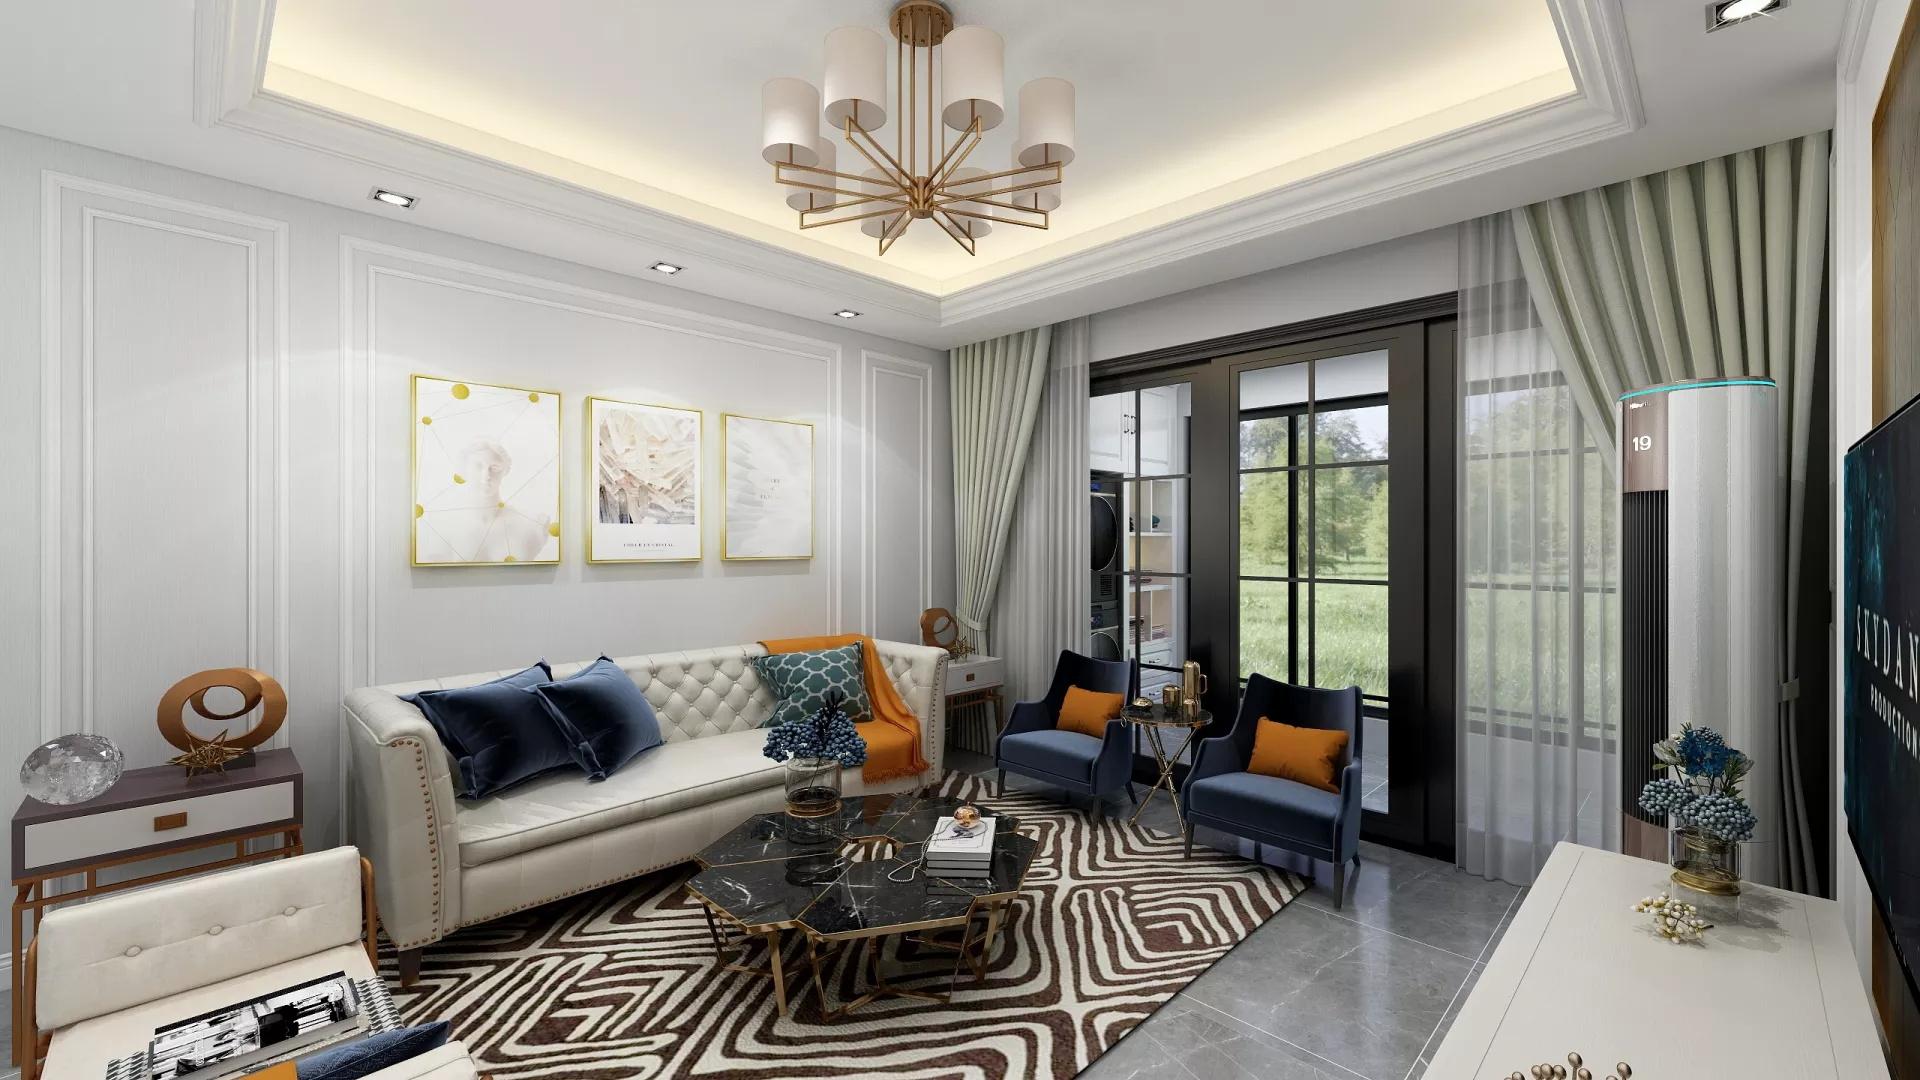 宜家风格简洁舒适型客厅装修效果图